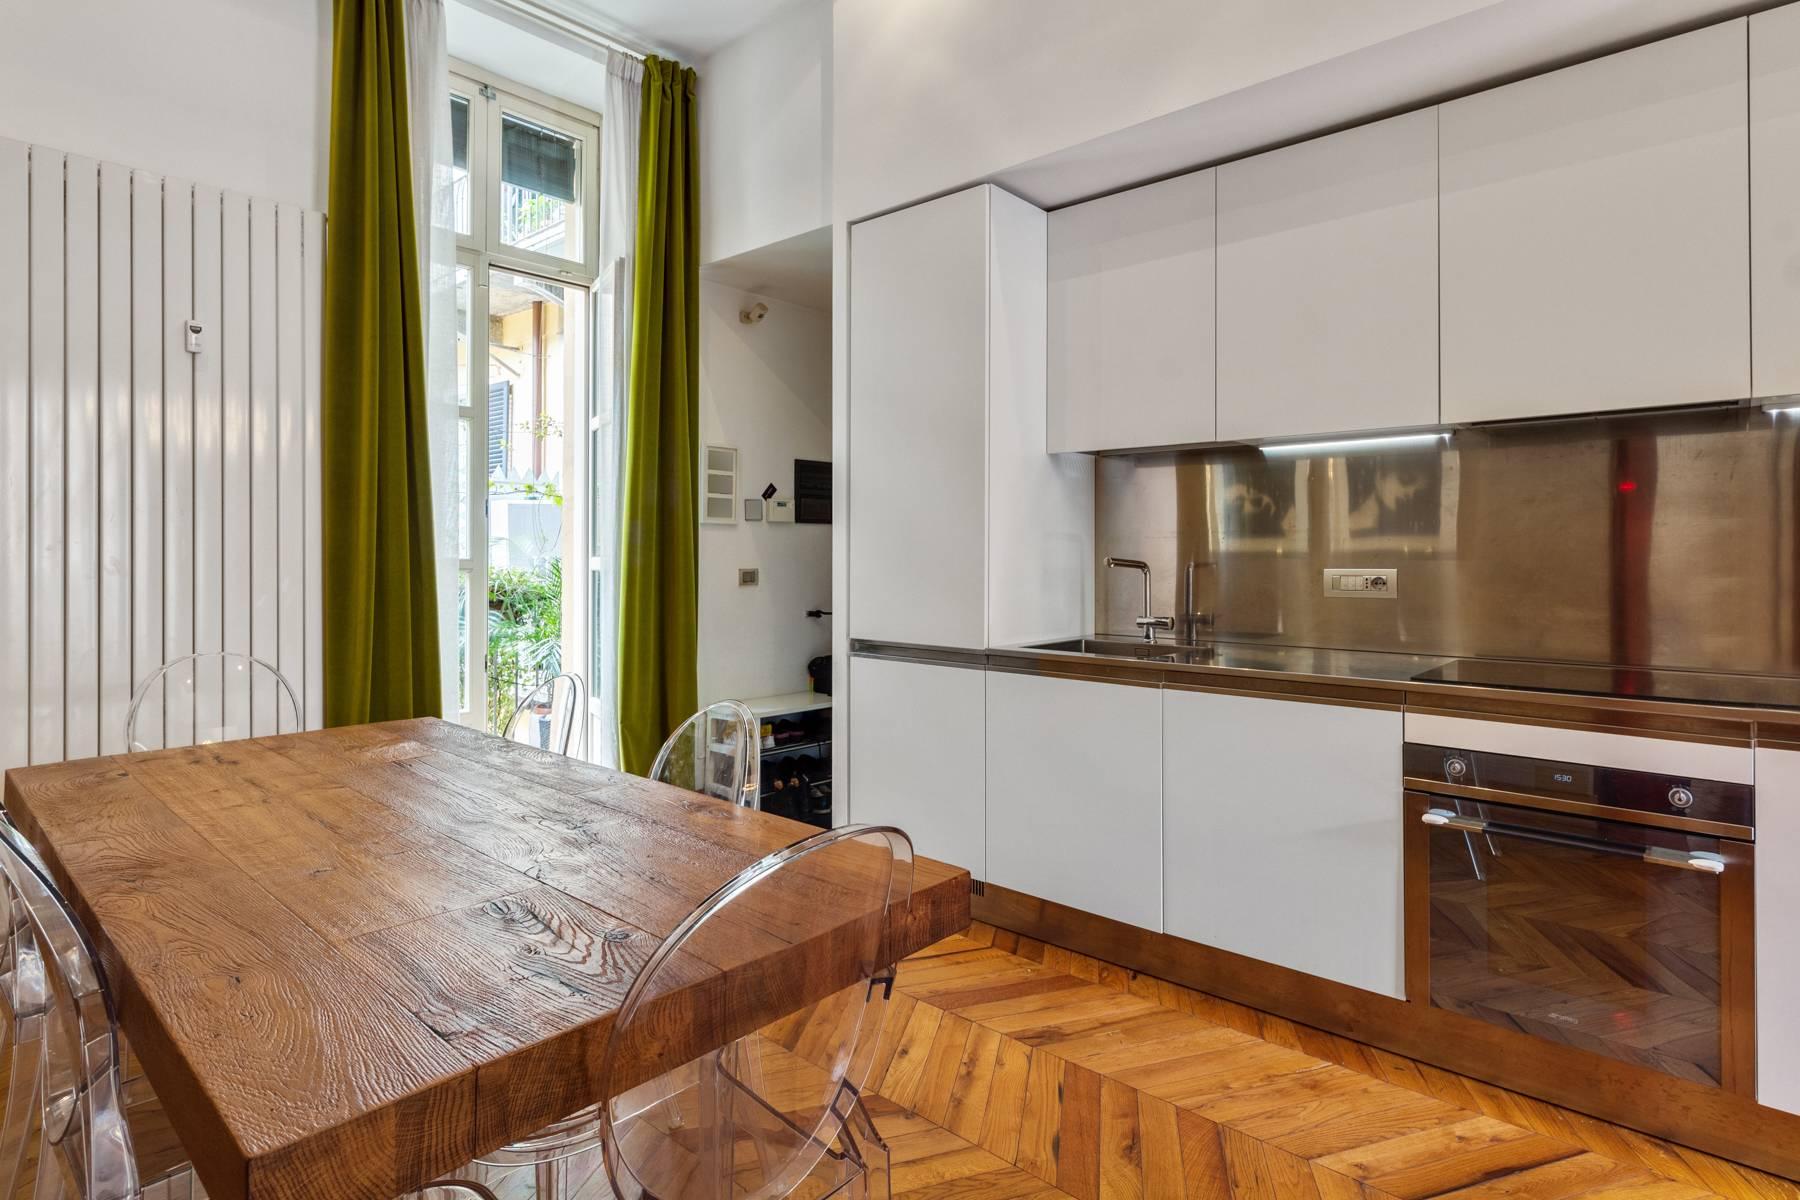 Appartamento in Vendita a Torino: 4 locali, 118 mq - Foto 4